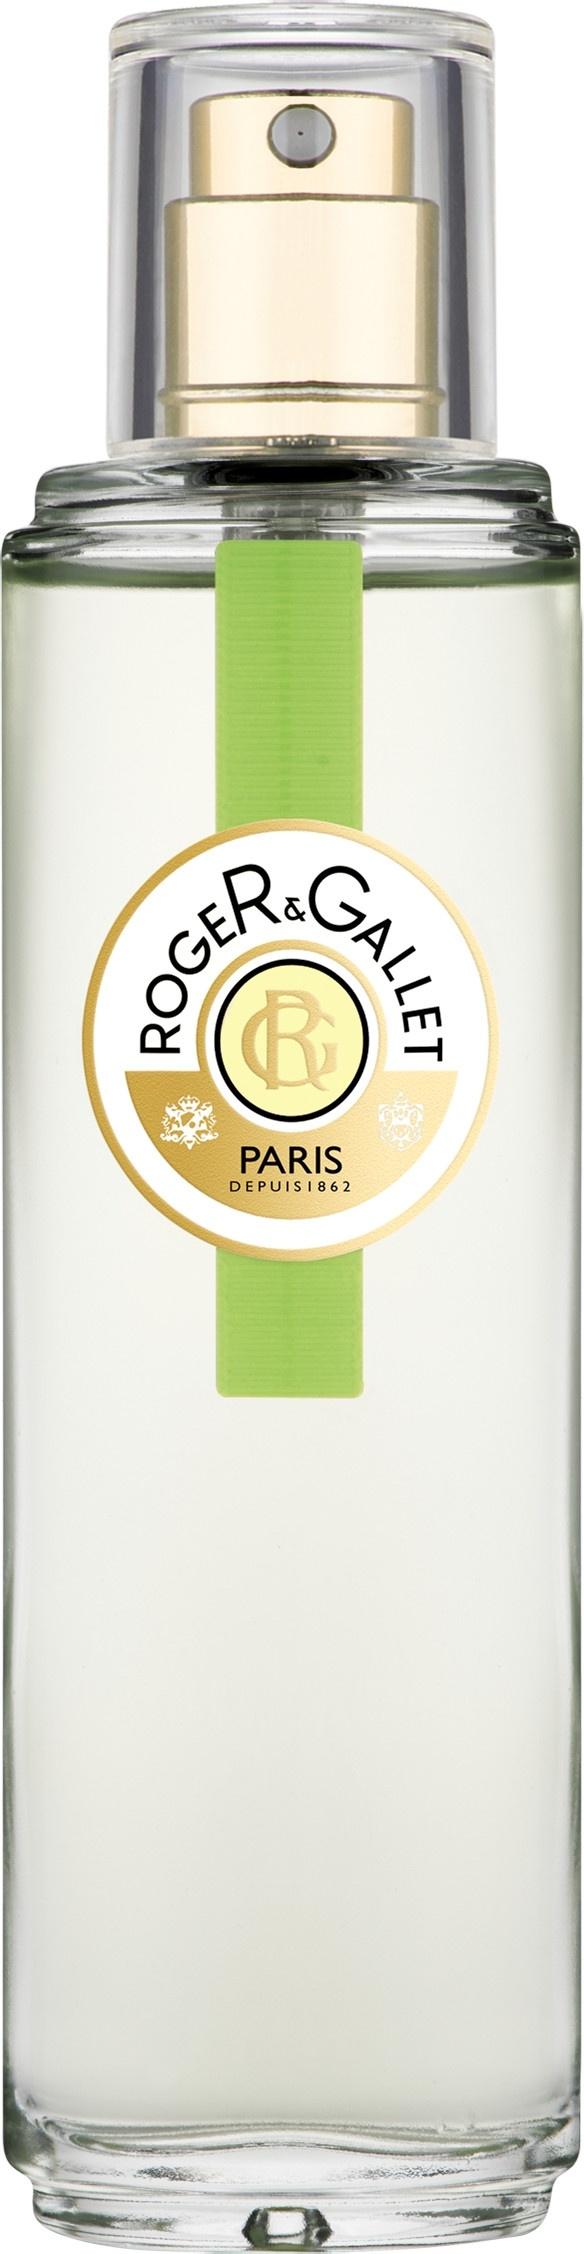 Roger & Gallet Cedrat Fragrant Water Spray 30ml